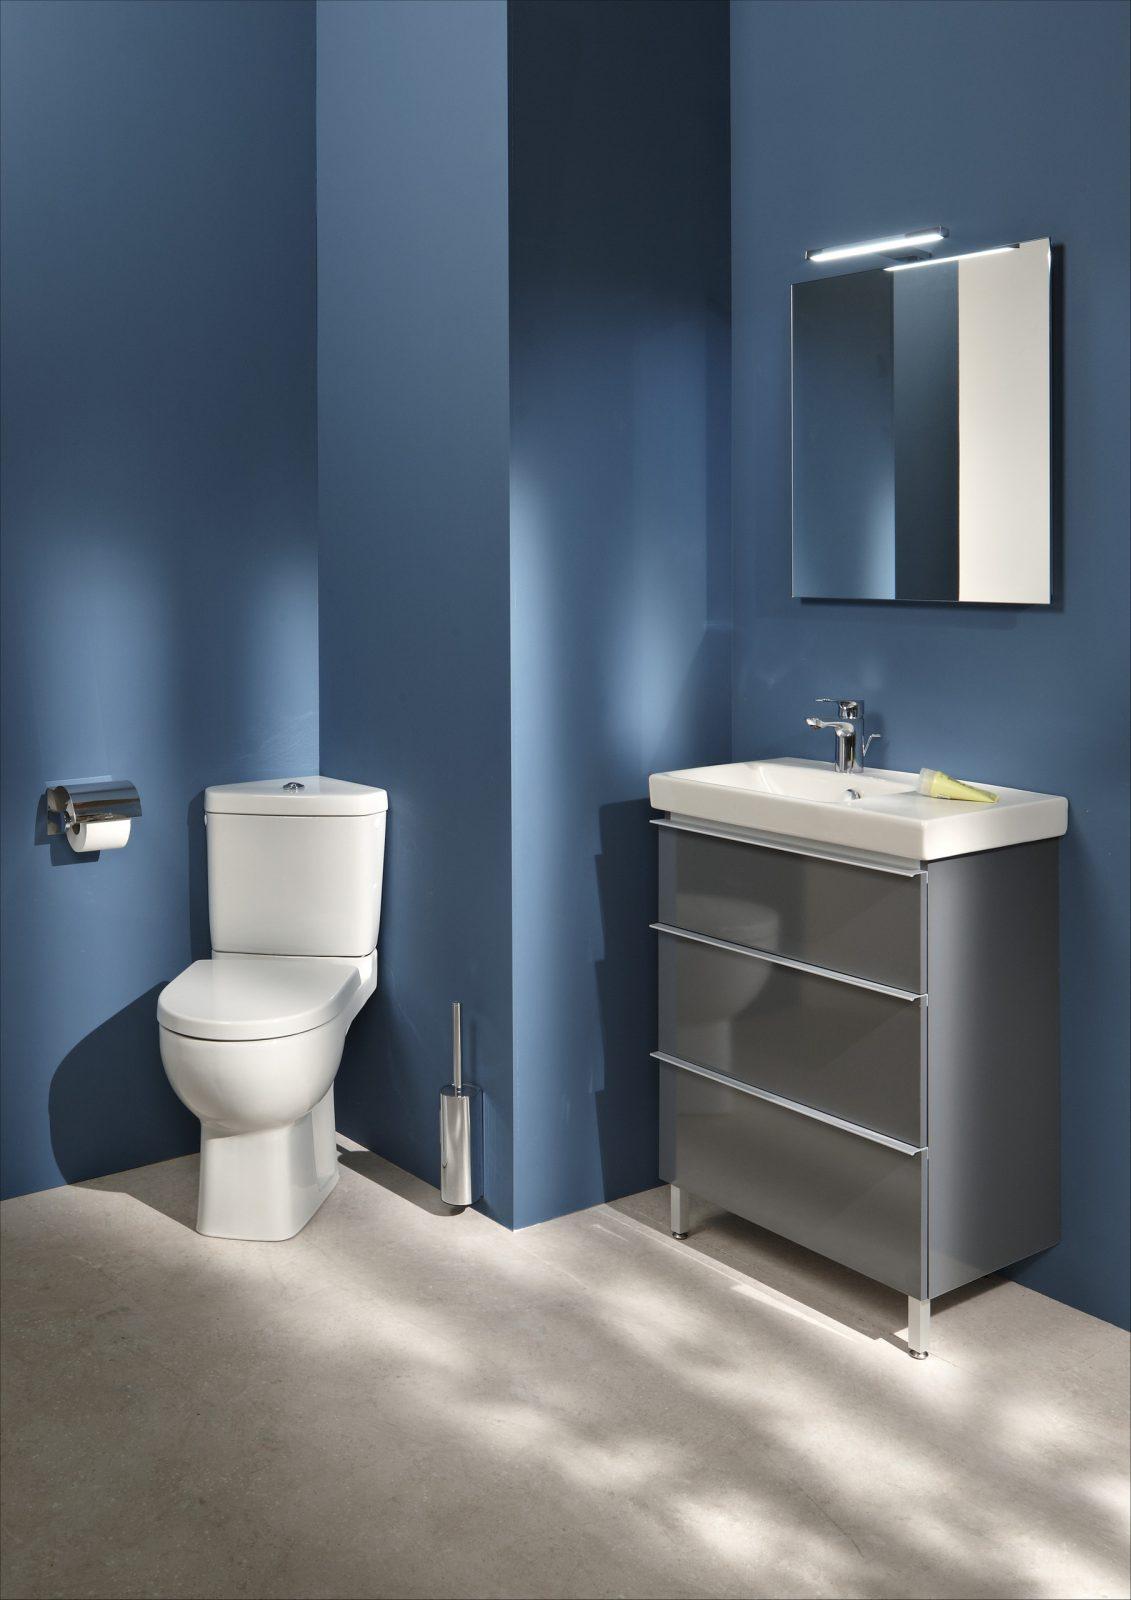 WC d'angle dans la salle de bain : fiche produit | salledebains.fr